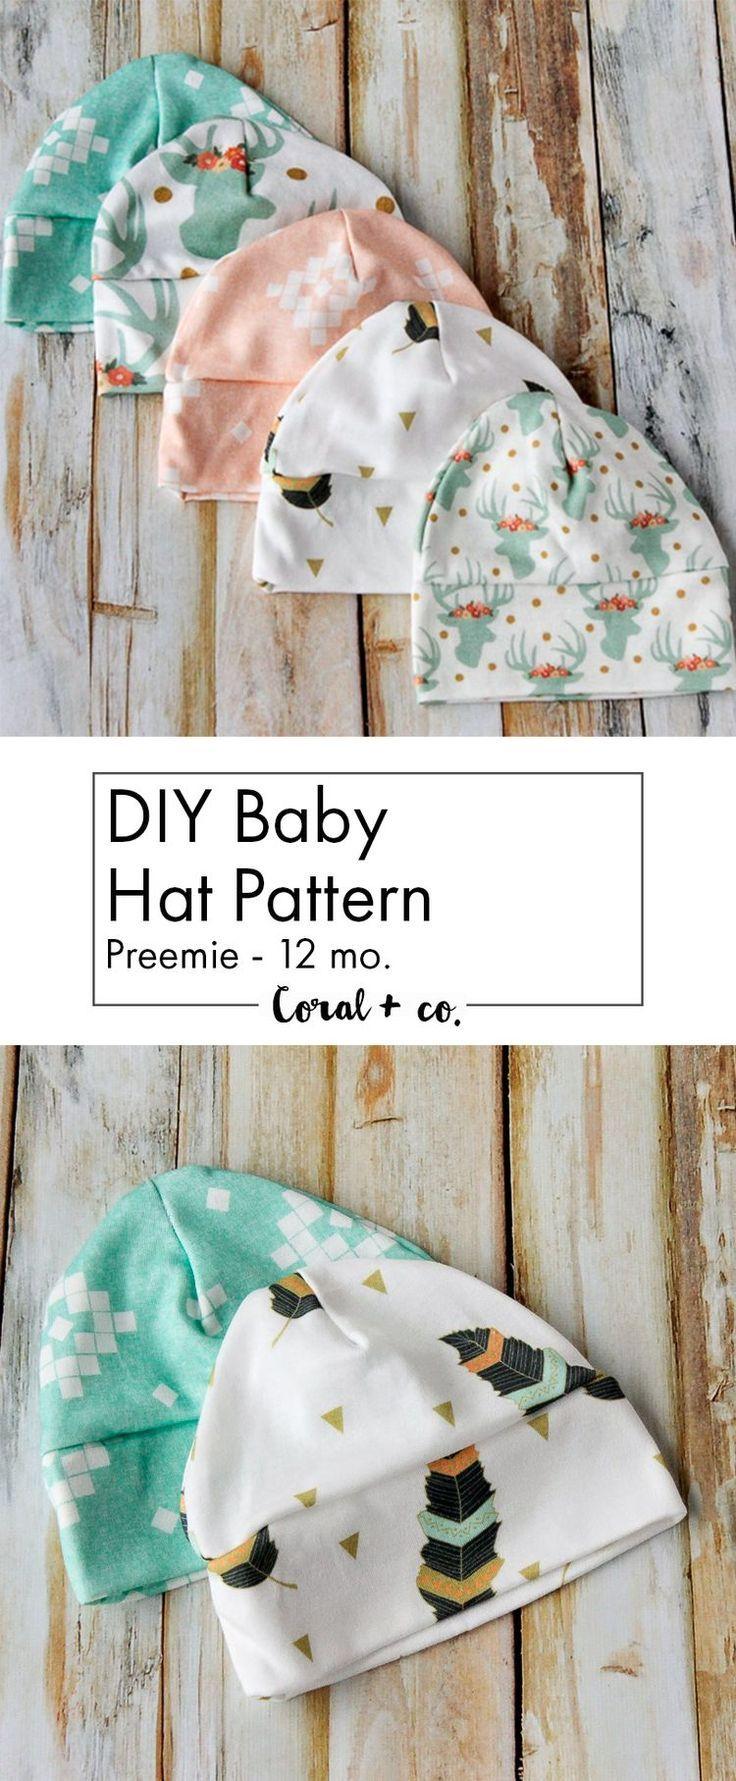 DIY Baby Mütze Schnittmuster und Tutorial - Strick Baby Mütze #premiebabyhats